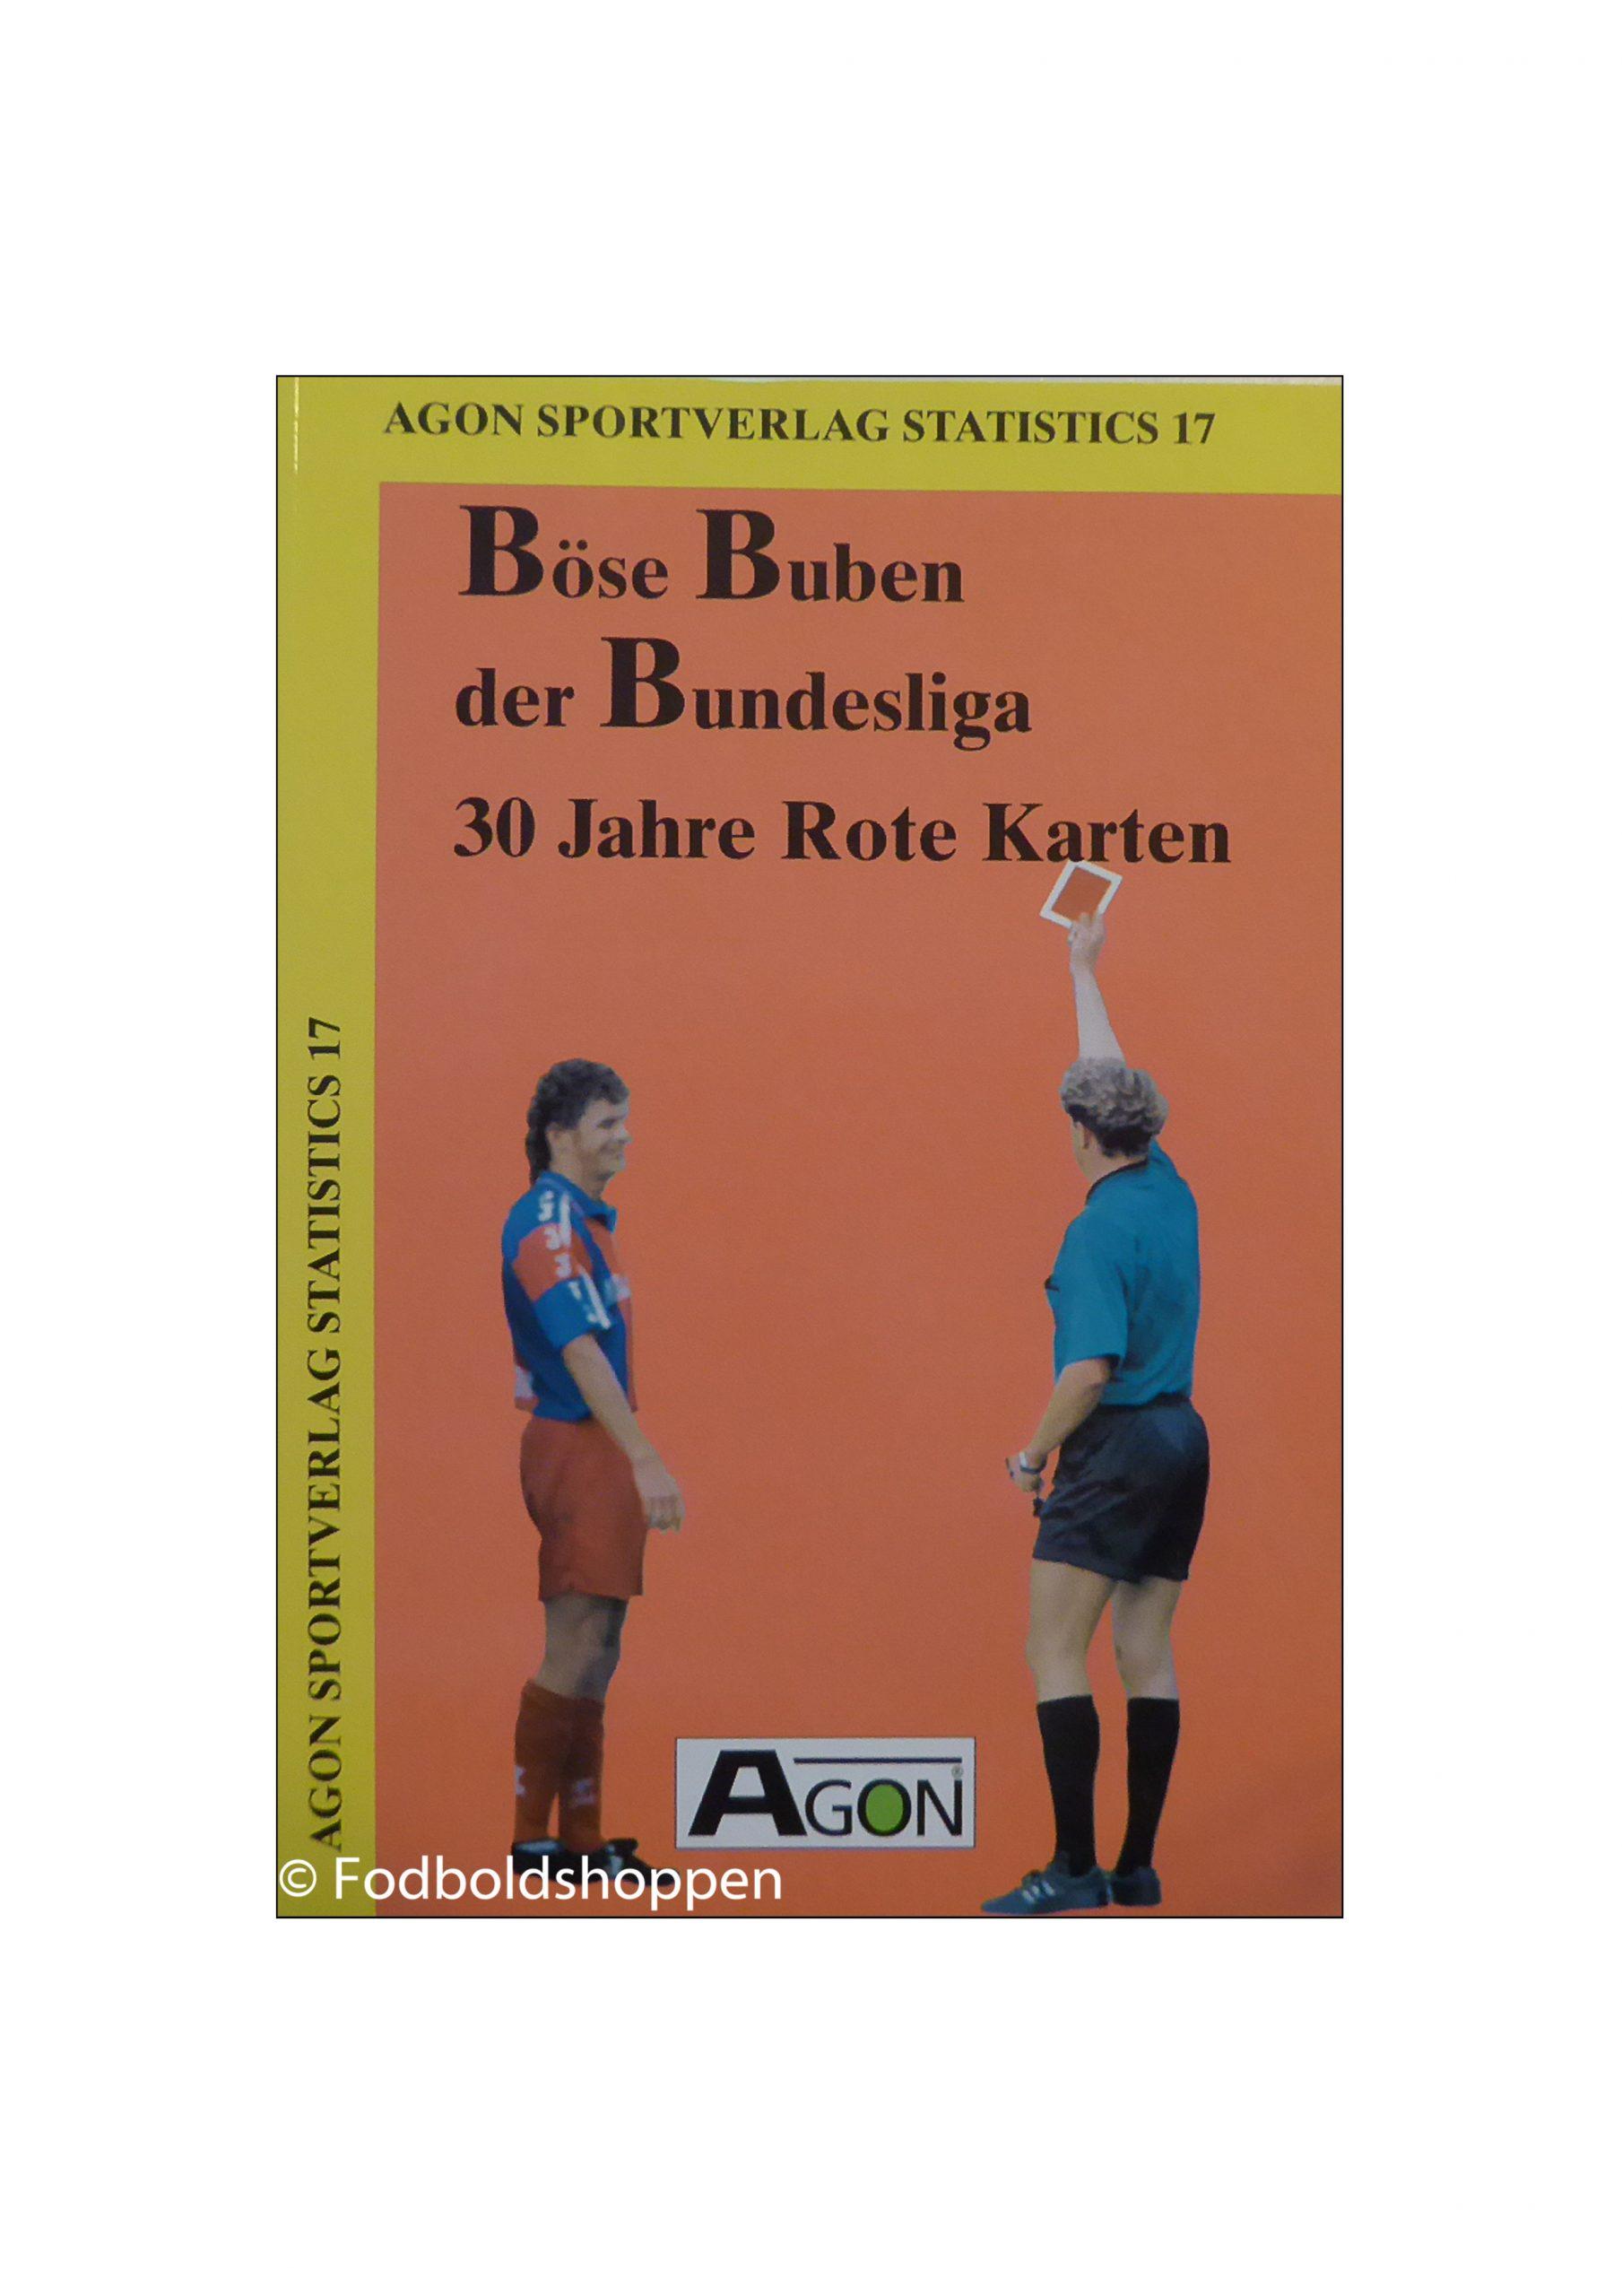 30 år med røde kort. Denne bog fokuserer på de røde syndere i Bundesliga. Alle kan findes, angivet med navn, klubber og årstider